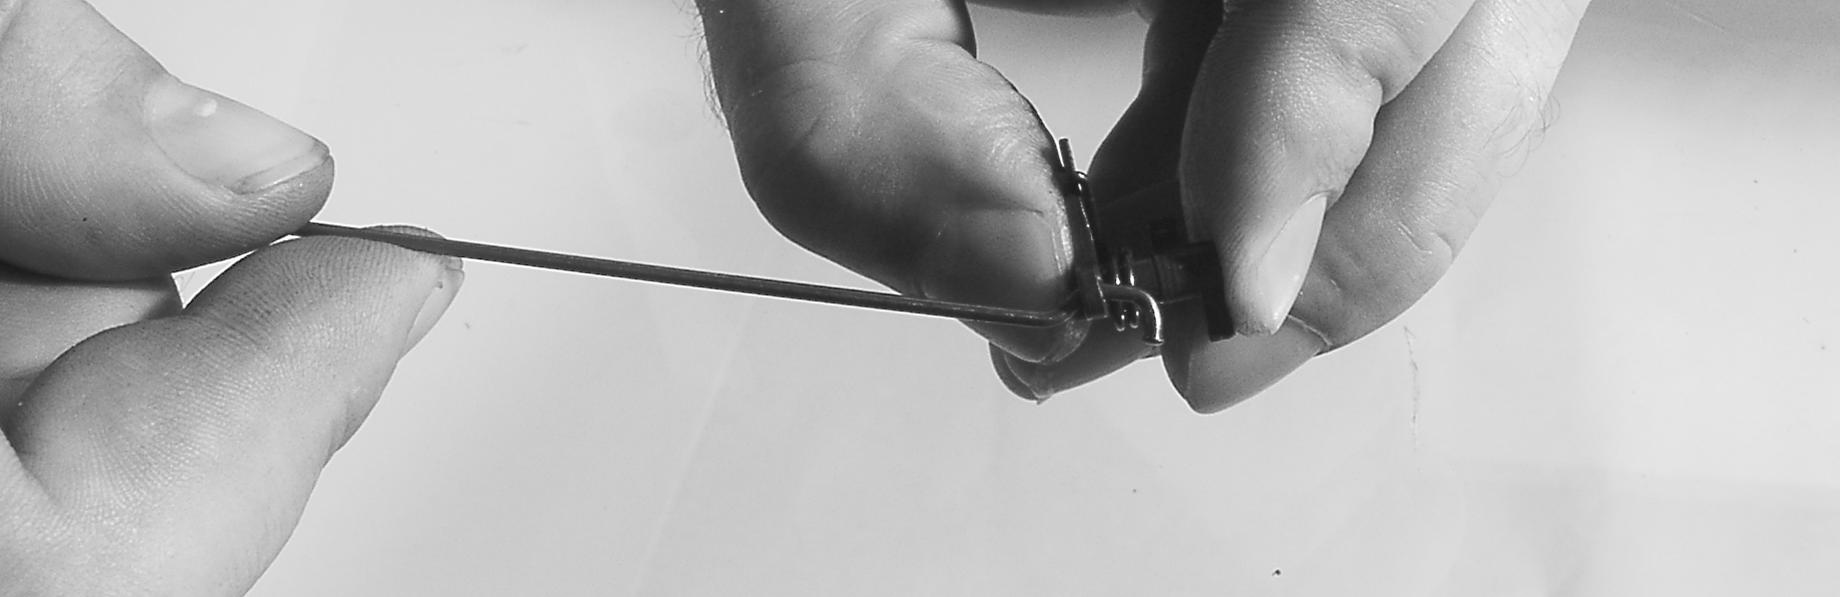 Рисунок 4.35 – Отделение тяги спускового крючка СР2М